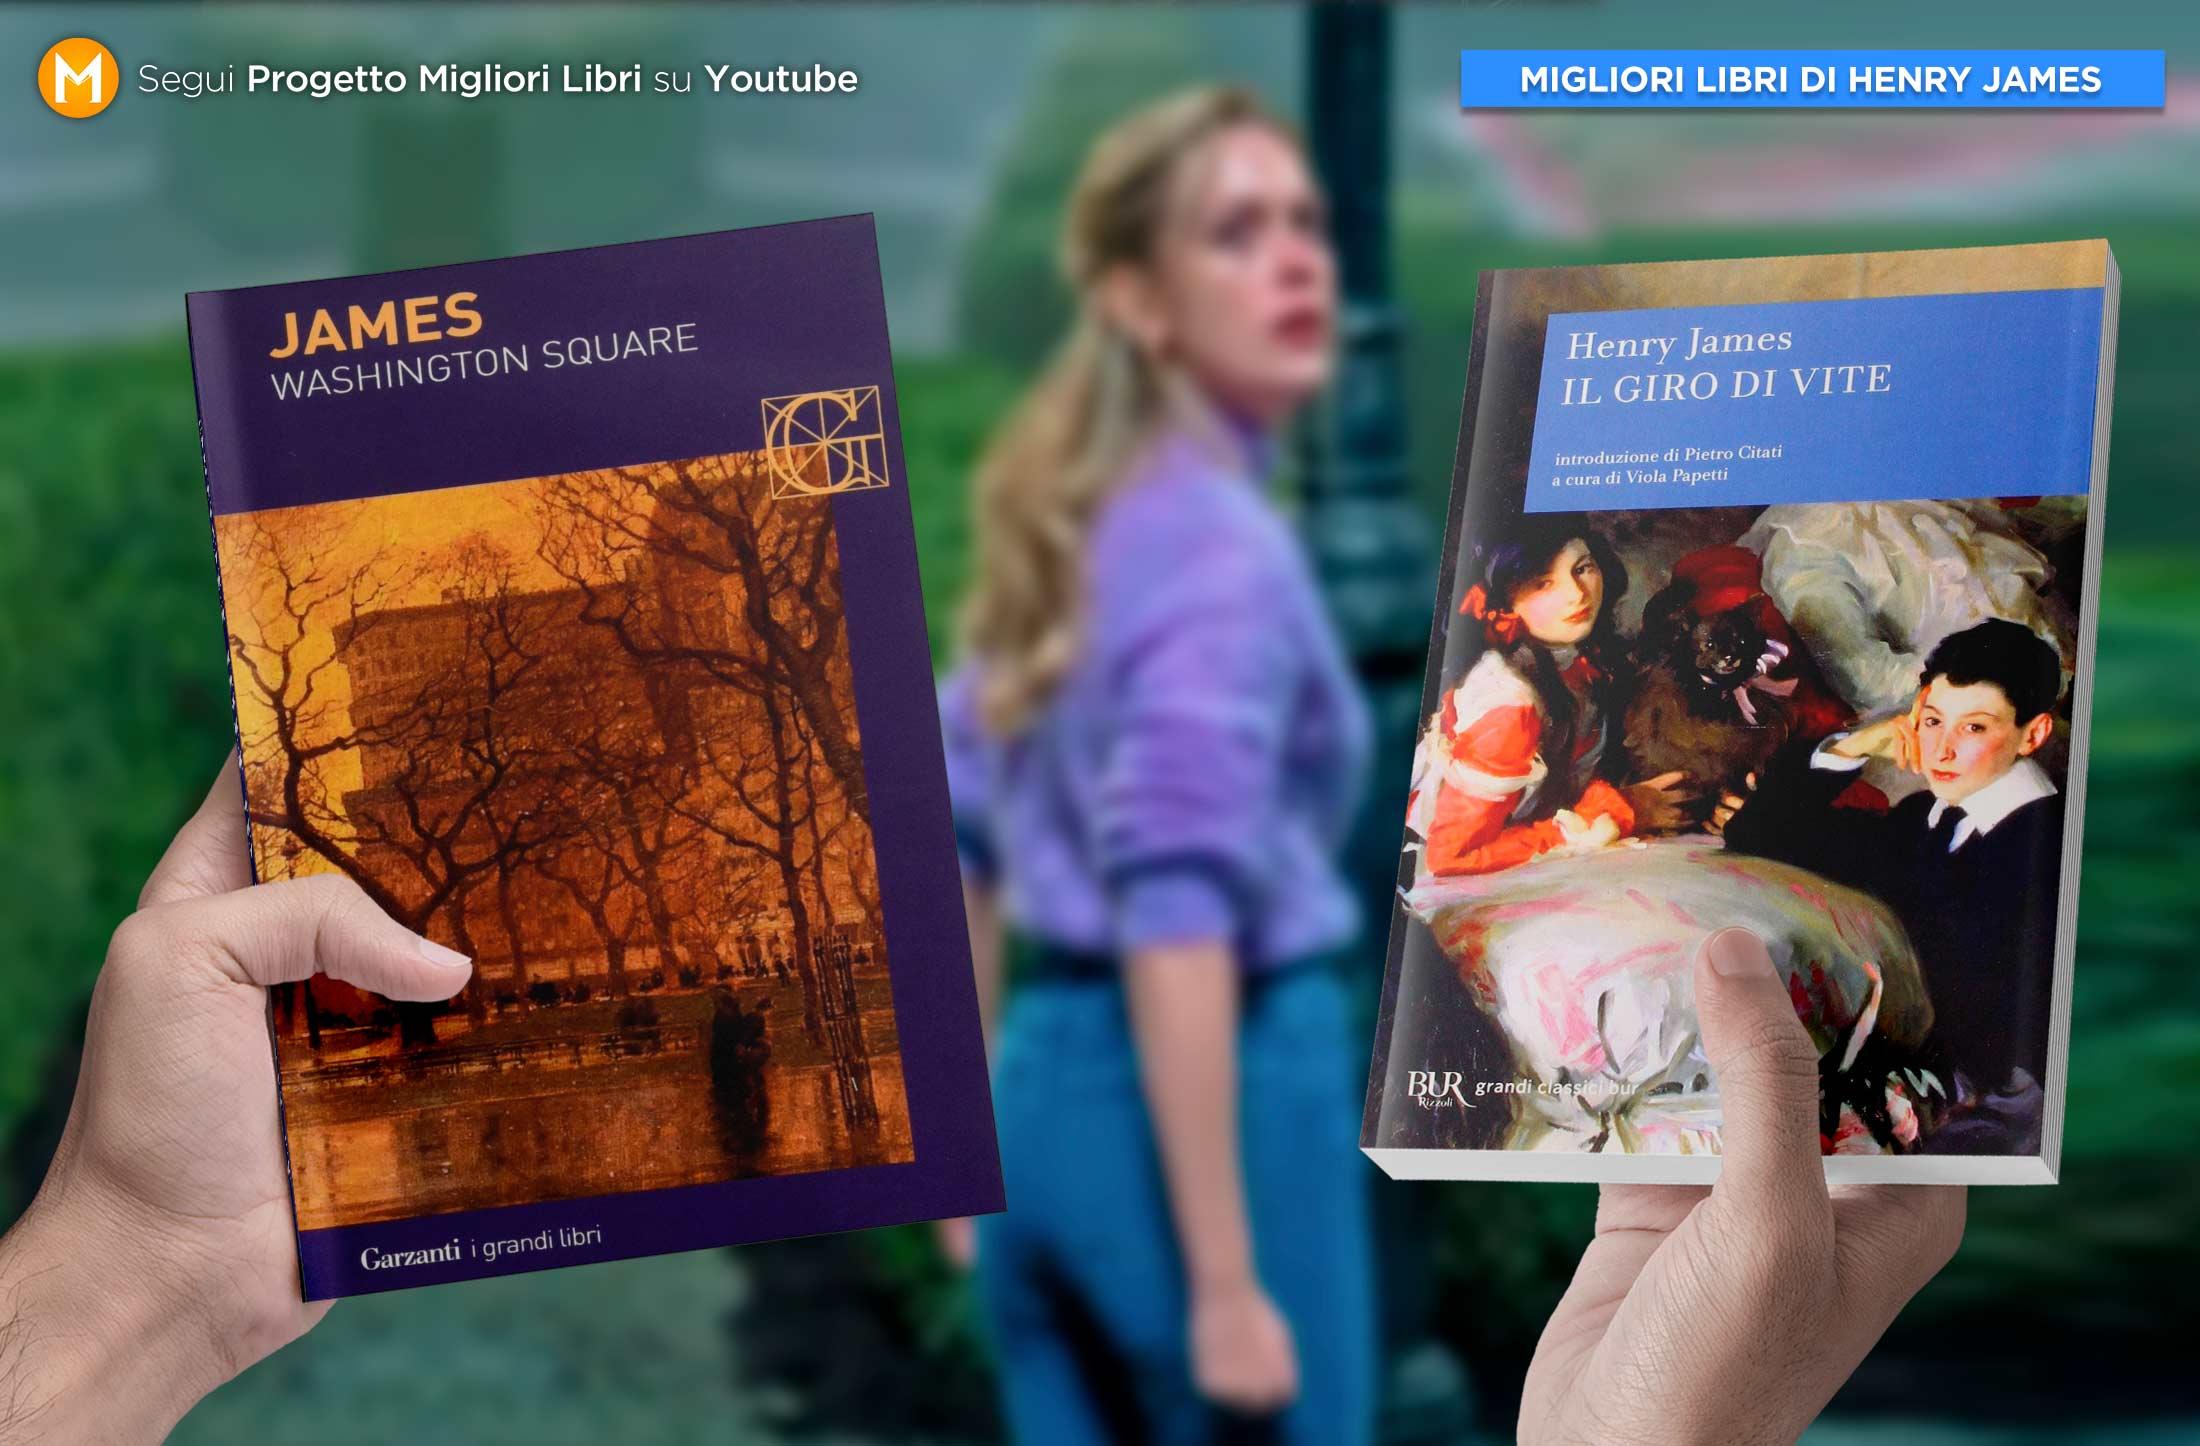 migliori-libri-henry-james